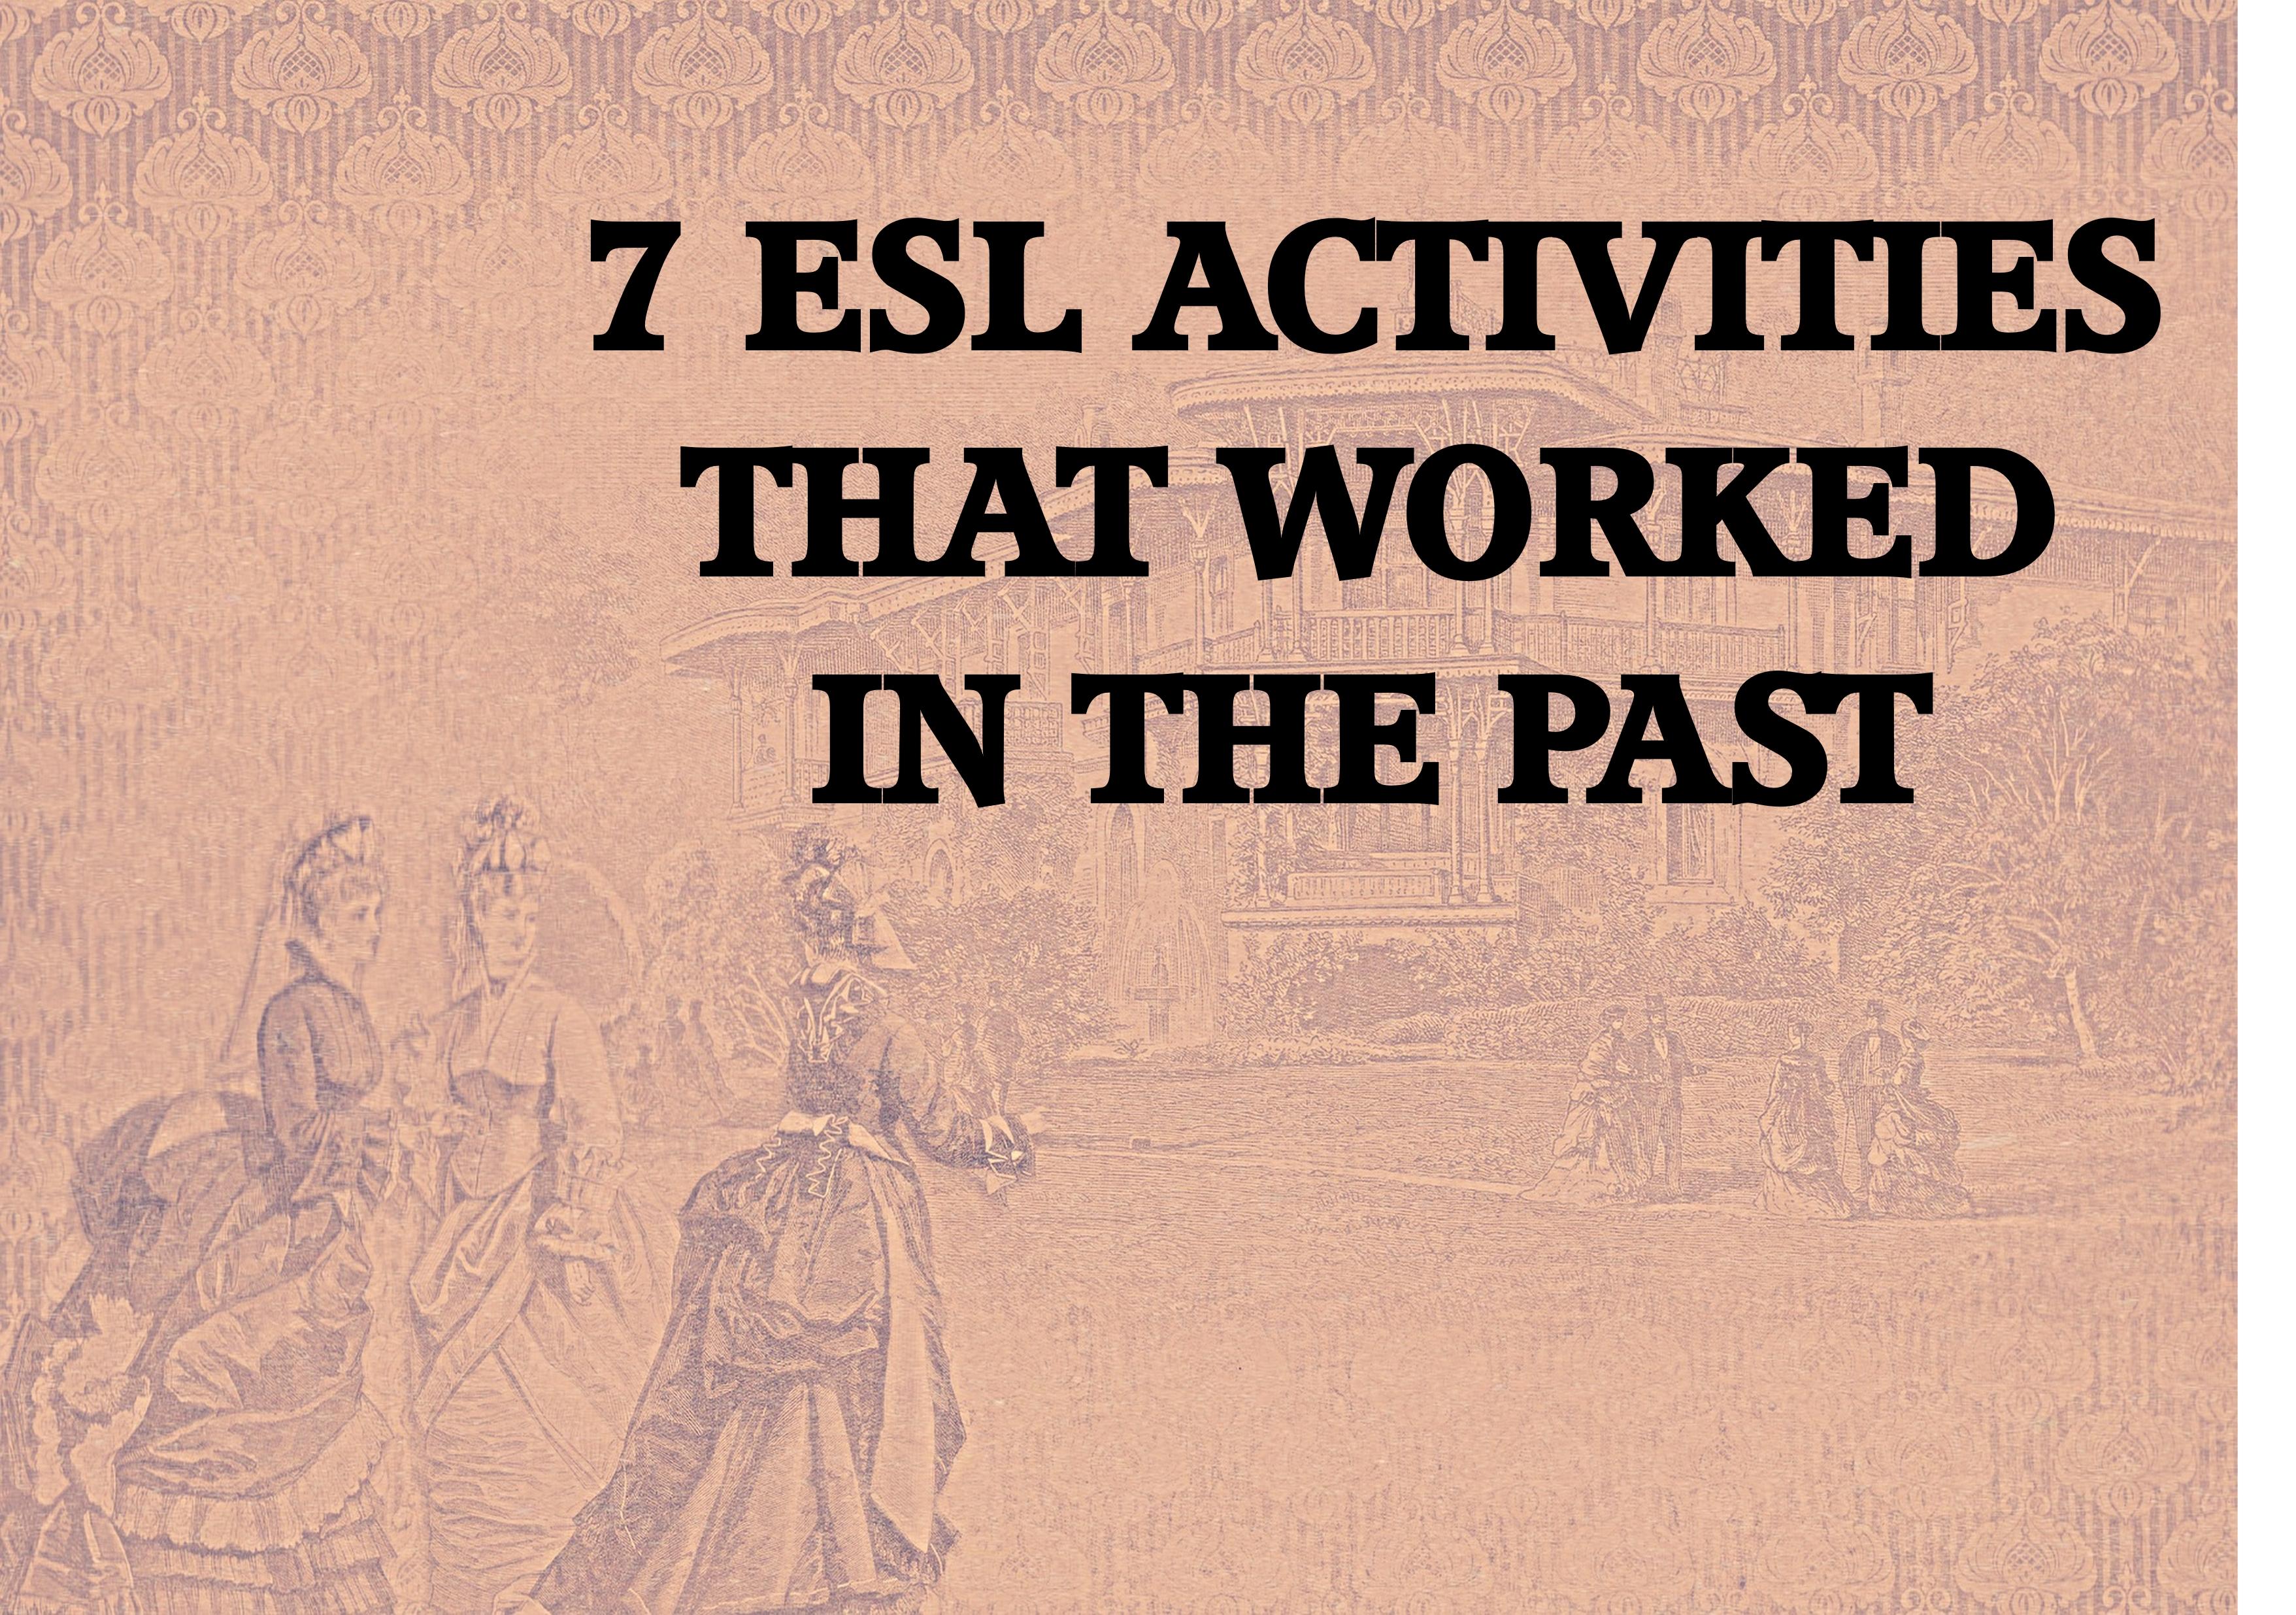 7 ESL activities